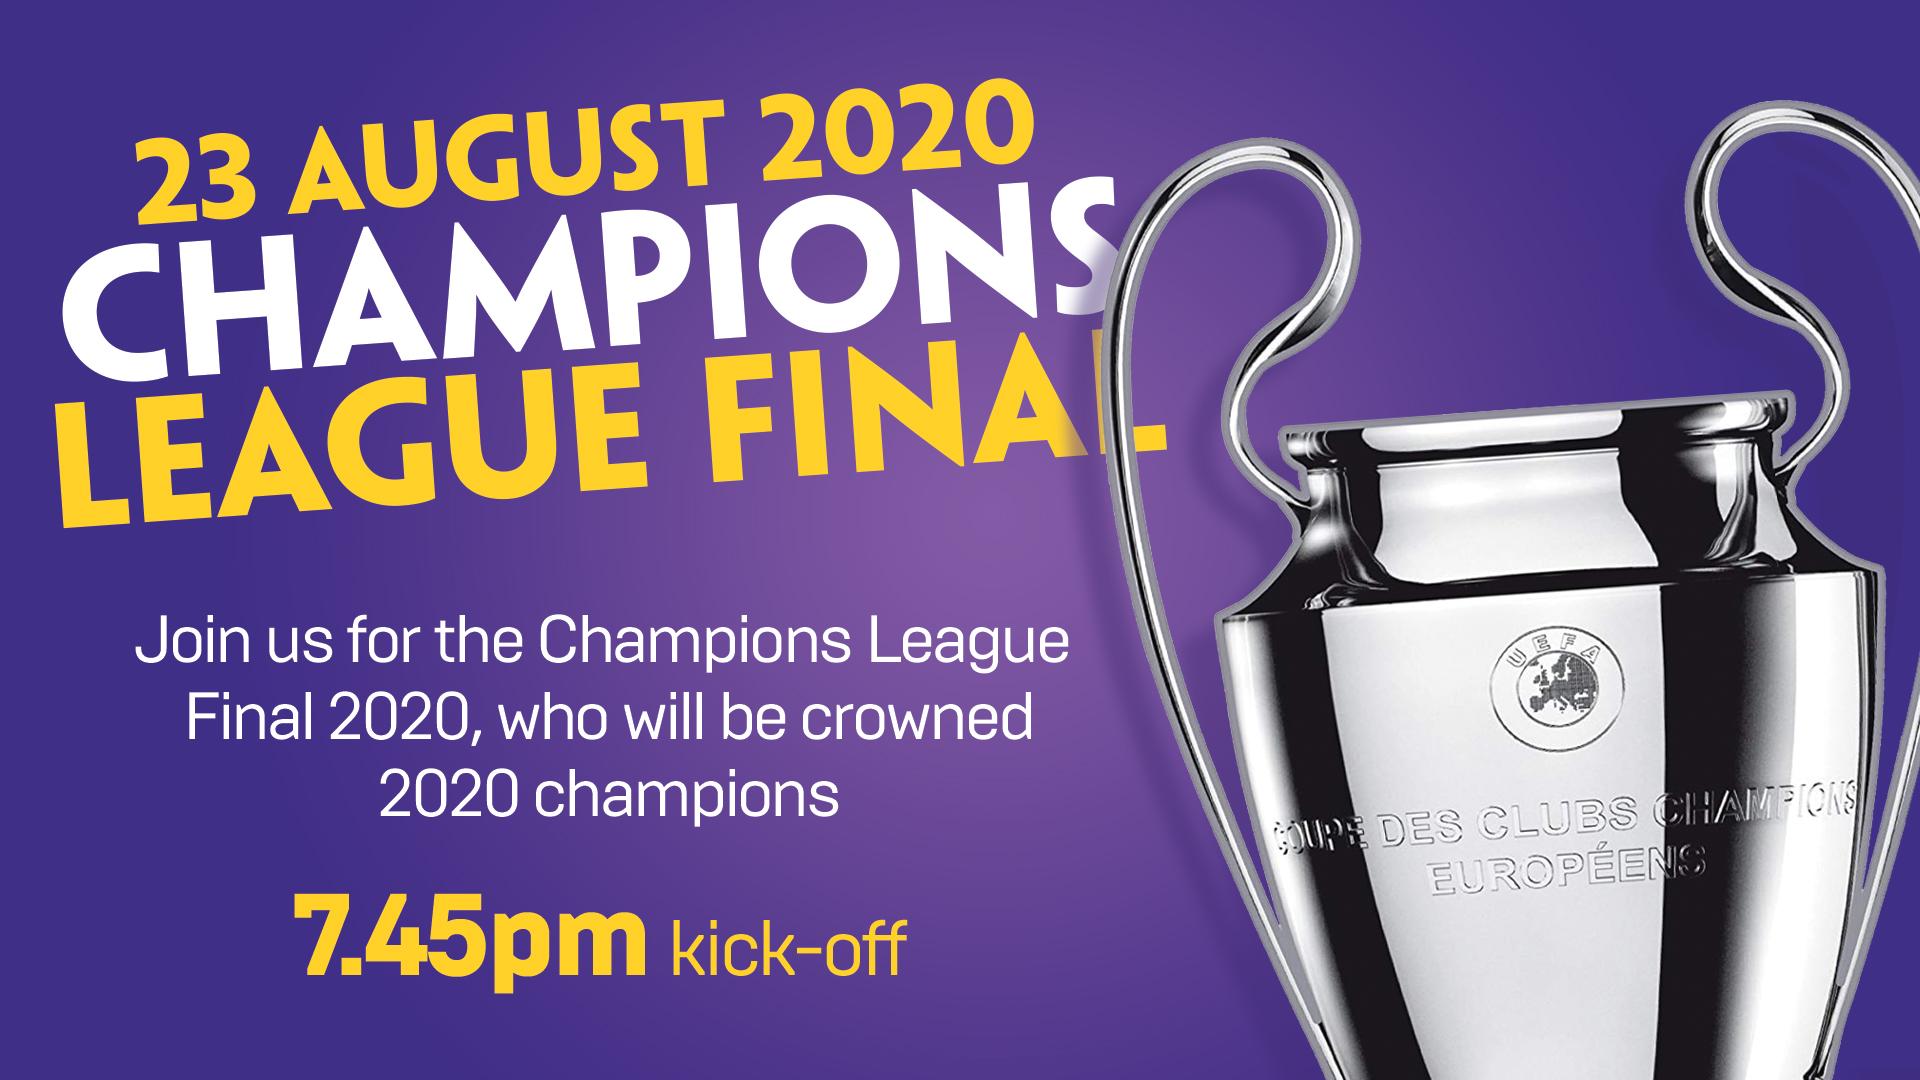 Champions Lge Final